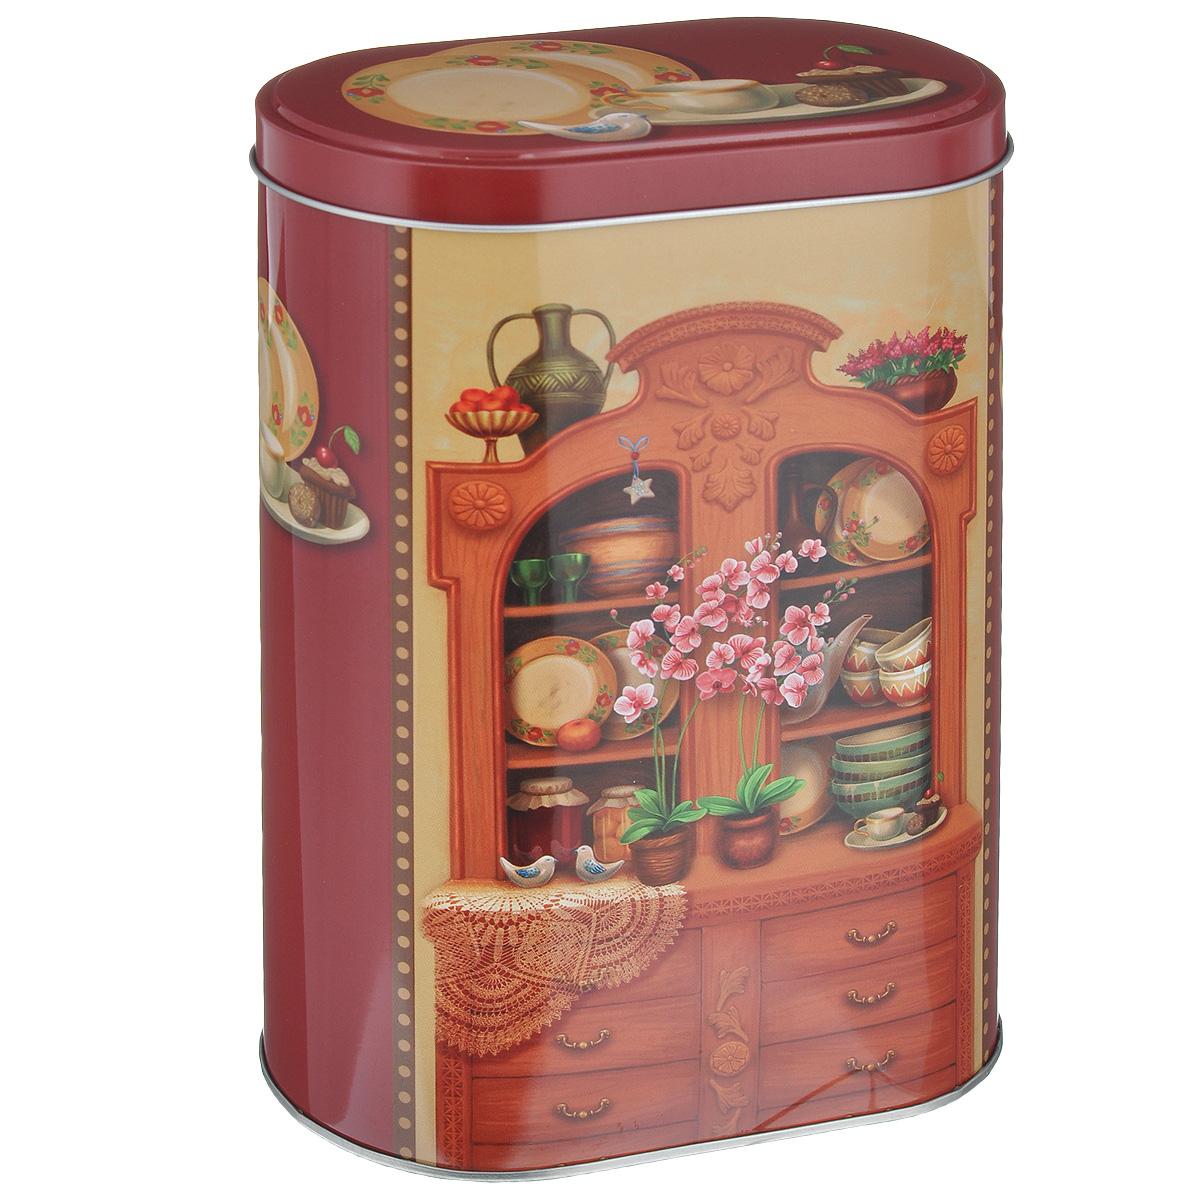 Банка для сыпучих продуктов Феникс-презент Бабушкин сервант, 1,7 л37656Банка для сыпучих продуктов Феникс-презент Бабушкин сервант, изготовленная из окрашенного черного металла, оформлена ярким рисунком. Банка прекрасно подойдет для хранения различных сыпучих продуктов: специй, чая, кофе, сахара, круп и многого другого. Емкость плотно закрывается крышкой. Благодаря этому она будет дольше сохранять свежесть ваших продуктов. Функциональная и вместительная, такая банка станет незаменимым аксессуаром на любой кухне. Нельзя мыть в посудомоечной машине. Объем банки: 1,7 л. Высота банки (без учета крышки): 18,5 см. Размер банки (по верхнему краю): 13,5 см х 7,5 см.